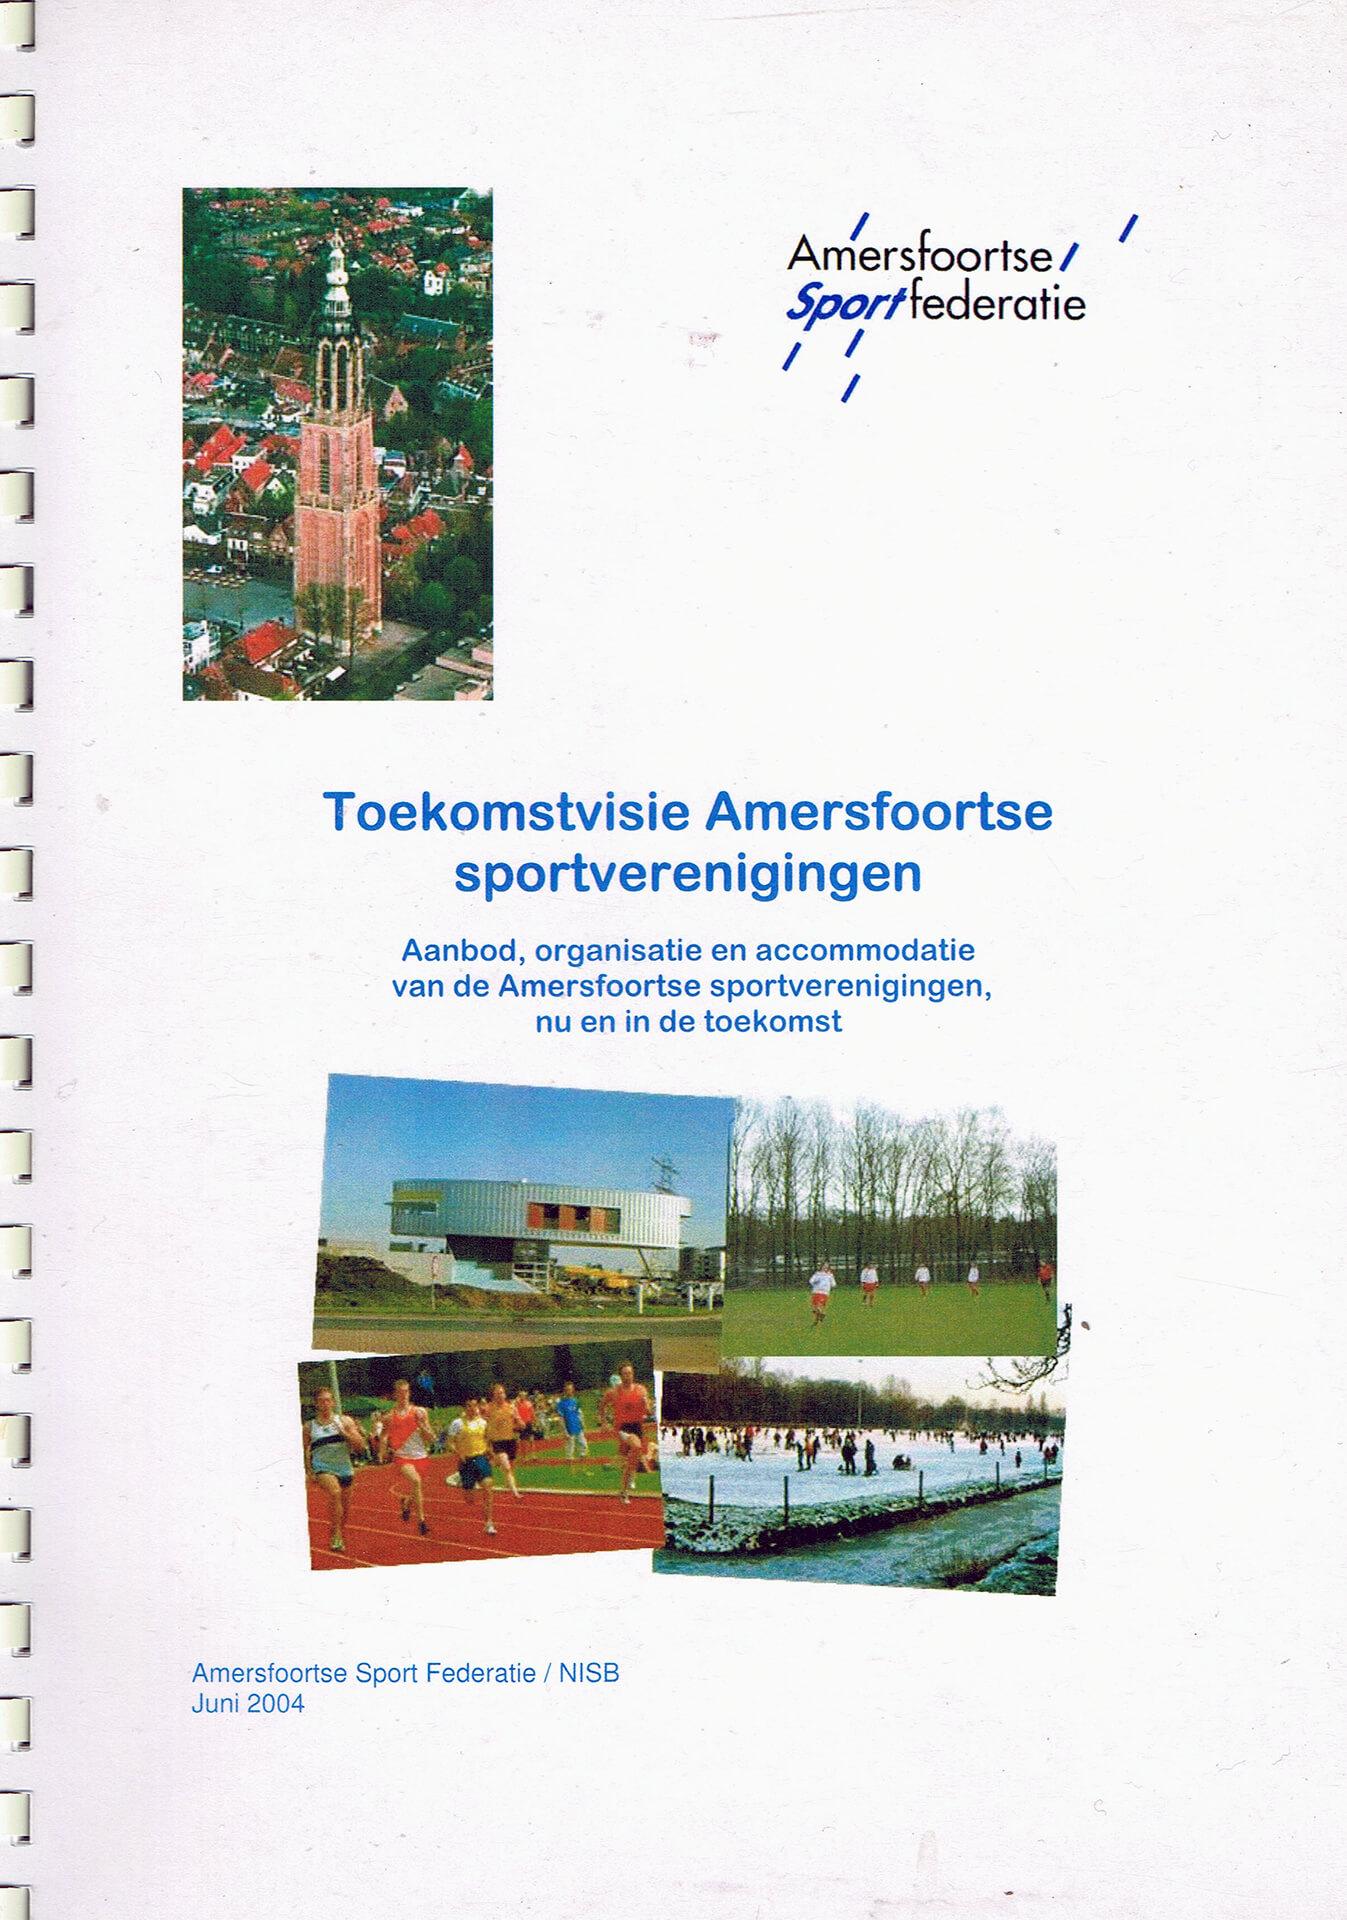 2004 toekomstvisie sport Amersfoort